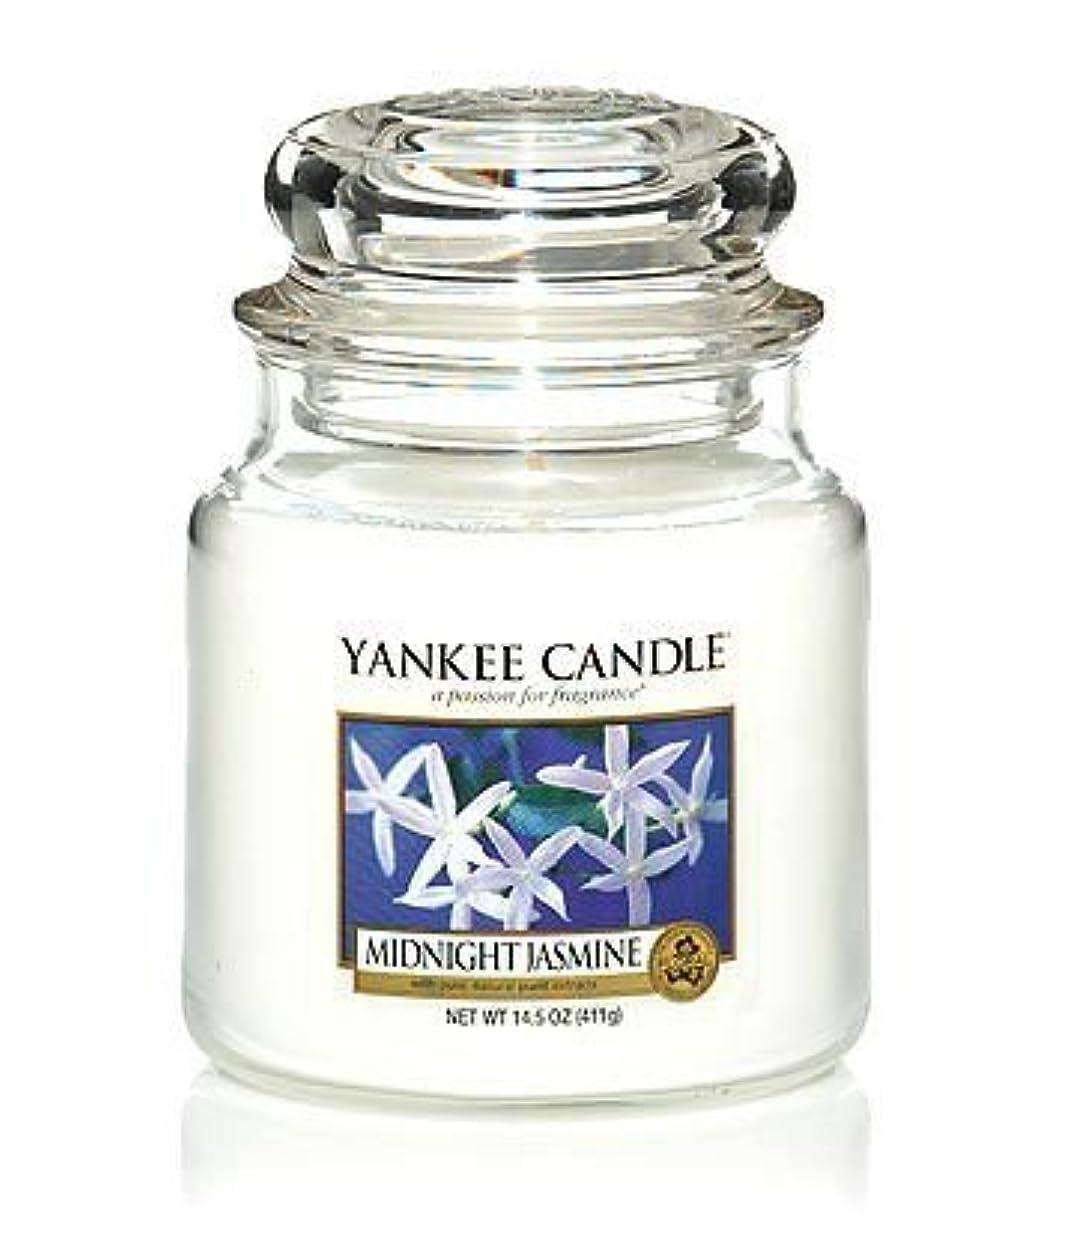 遅滞学士サーマルYankee Candle Midnight Jasmine Medium Jar Candle, Floral Scent by Yankee Candle [並行輸入品]